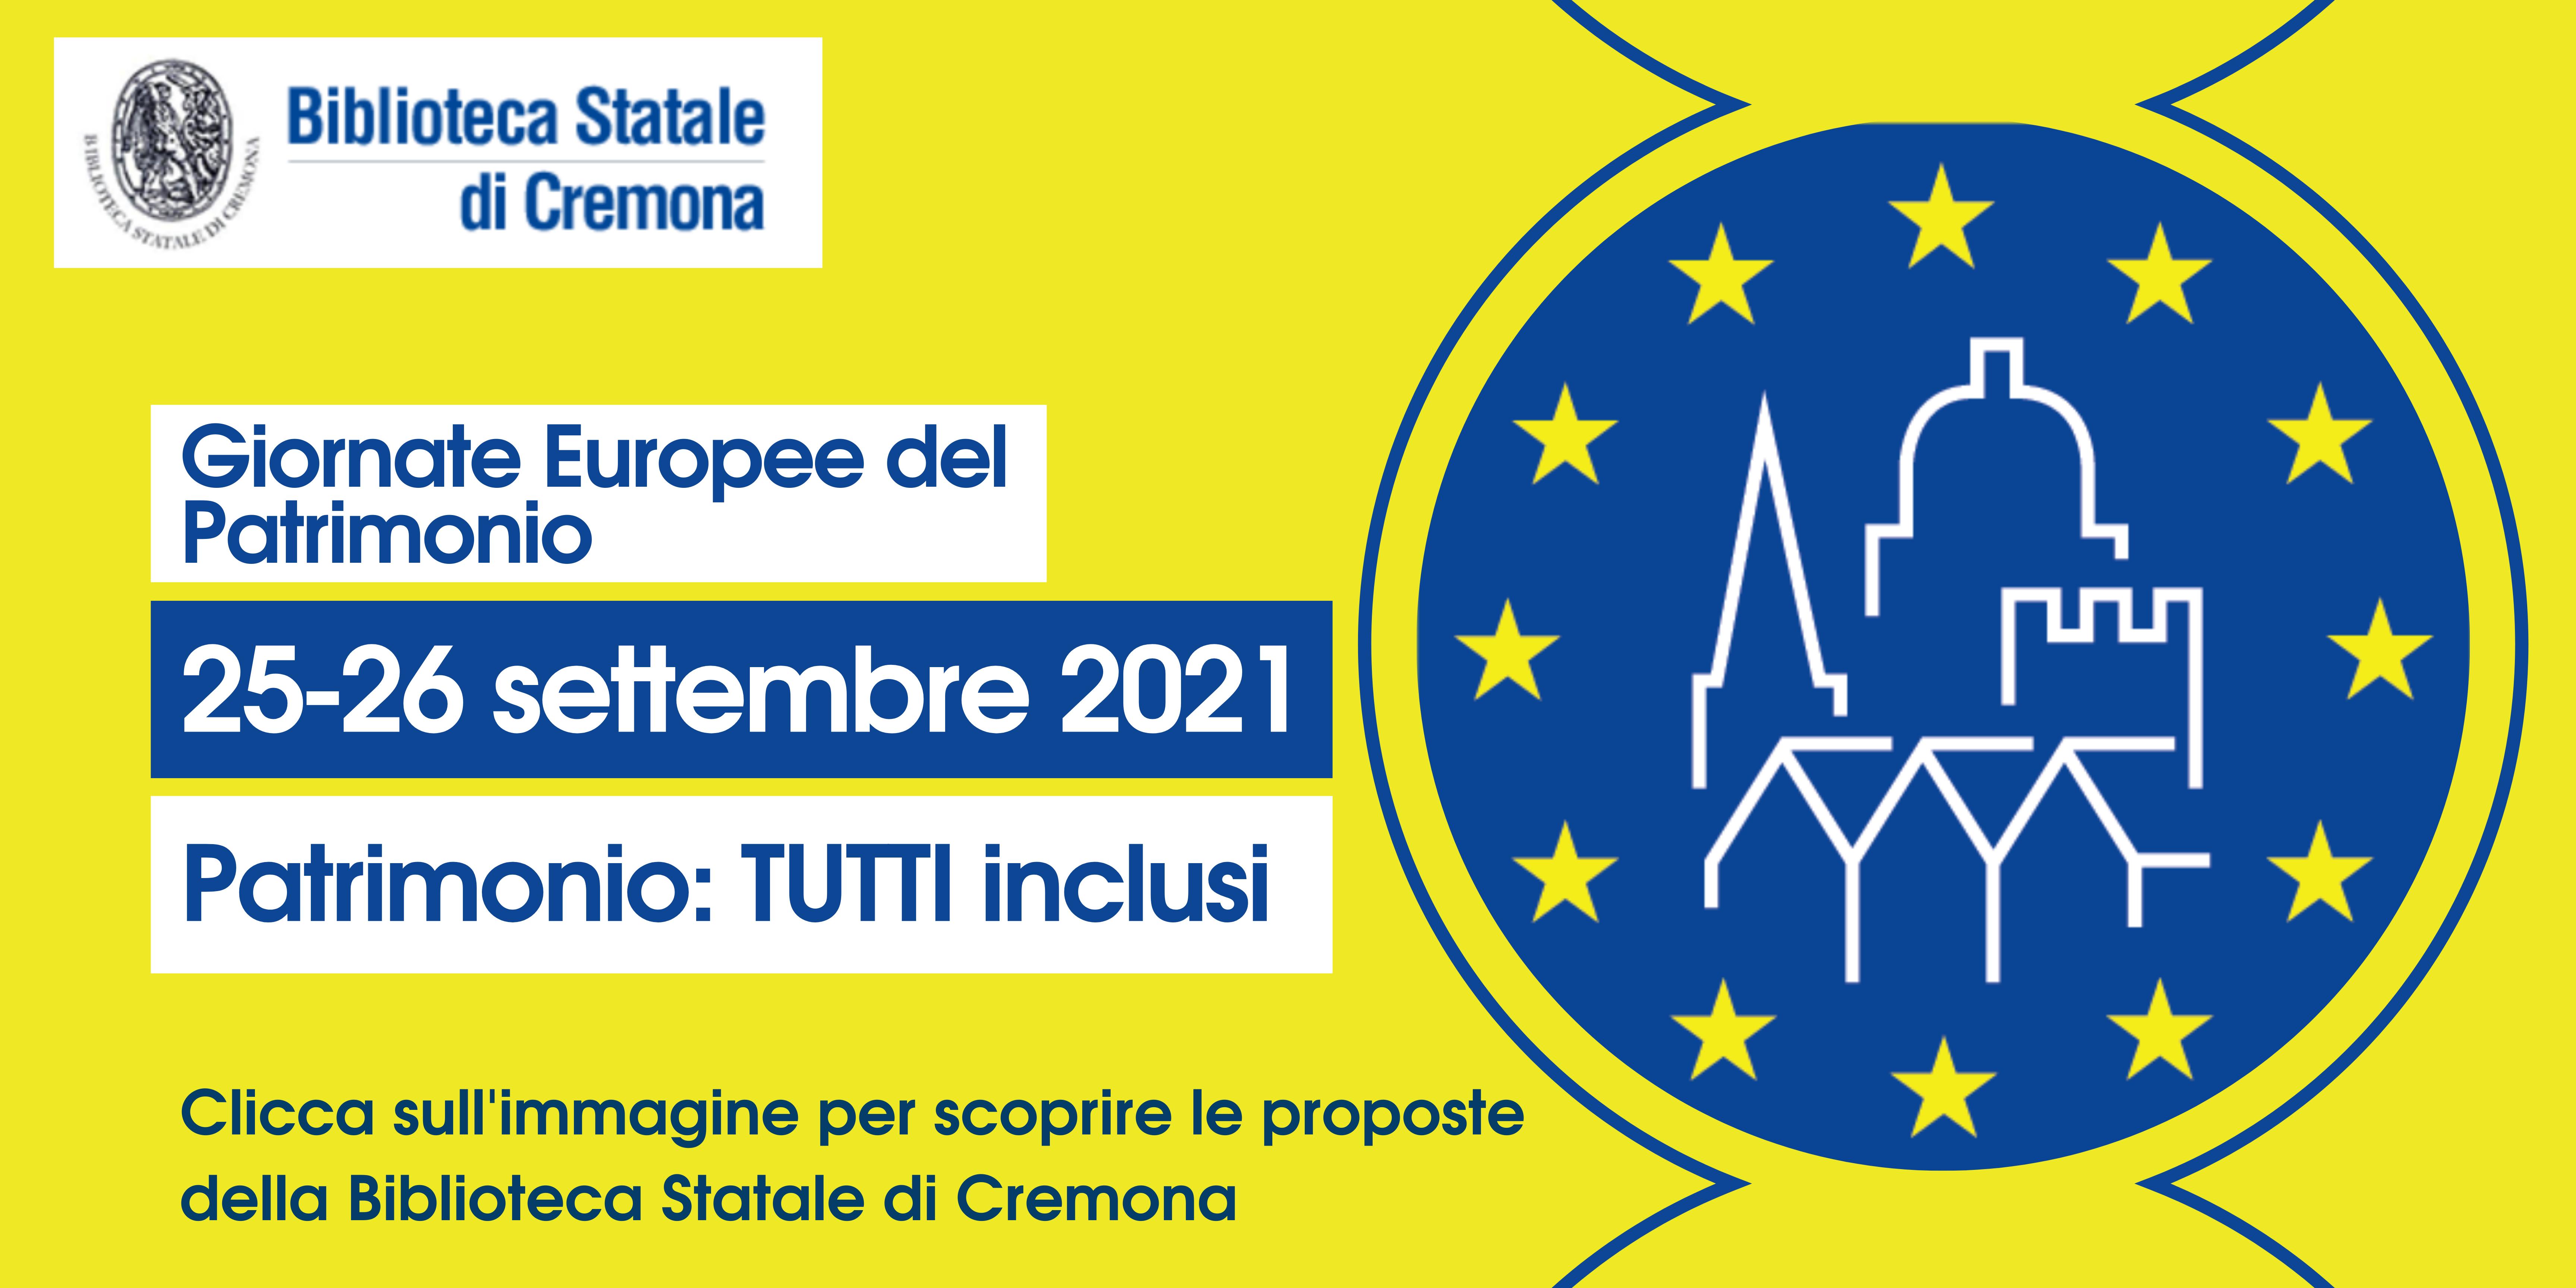 Giornate Europee del Patrimonio 2021 - Clicca l'immagine per scoprire le proposte della Biblioteca Statale di Cremona